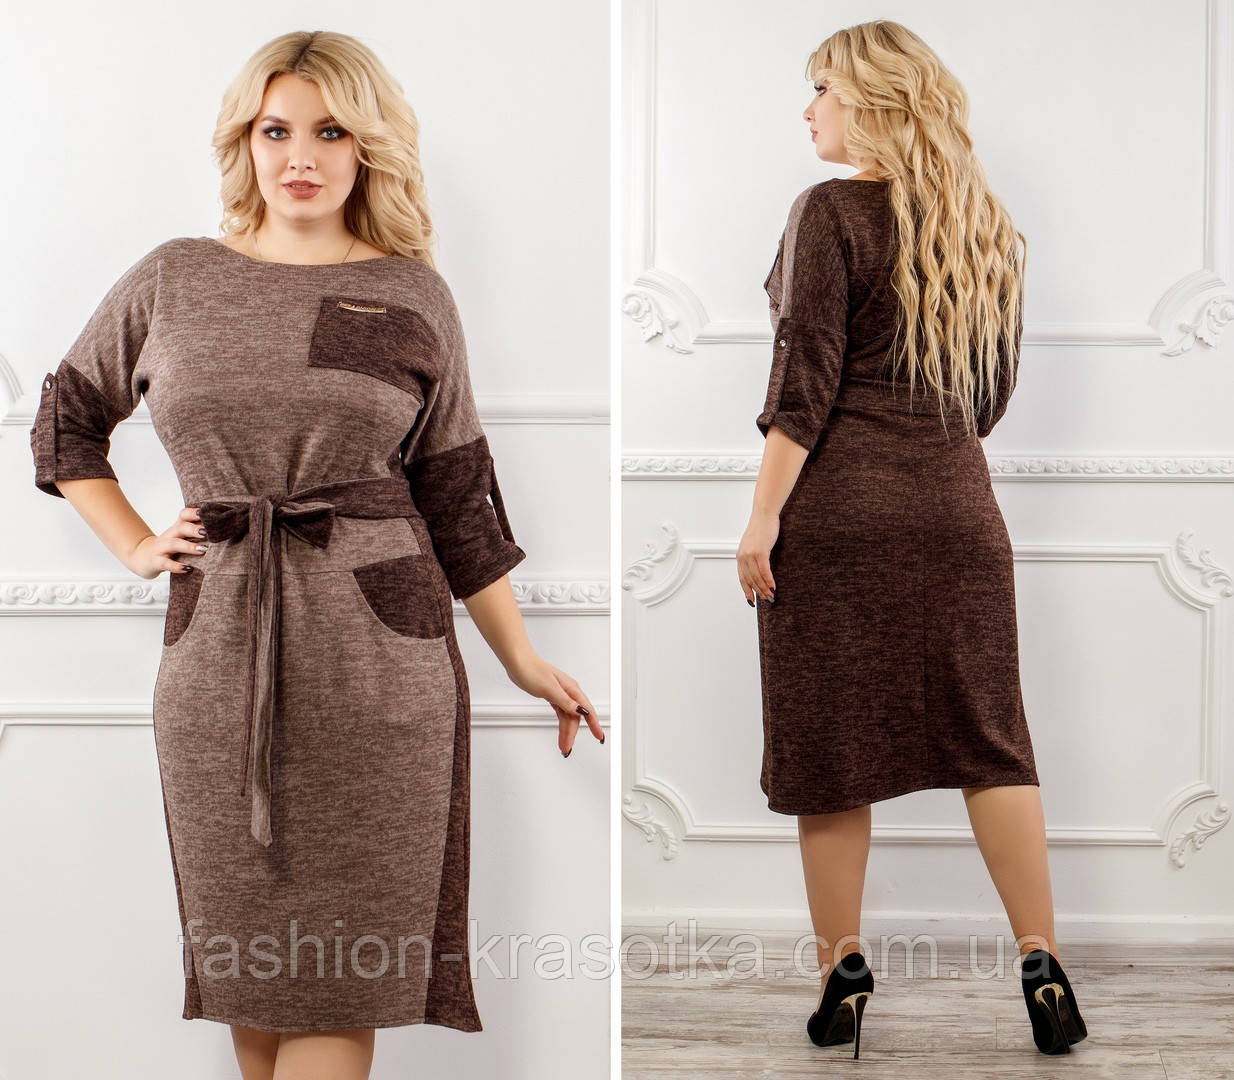 Нарядное женское платье больших размеров,ткань ангора софт